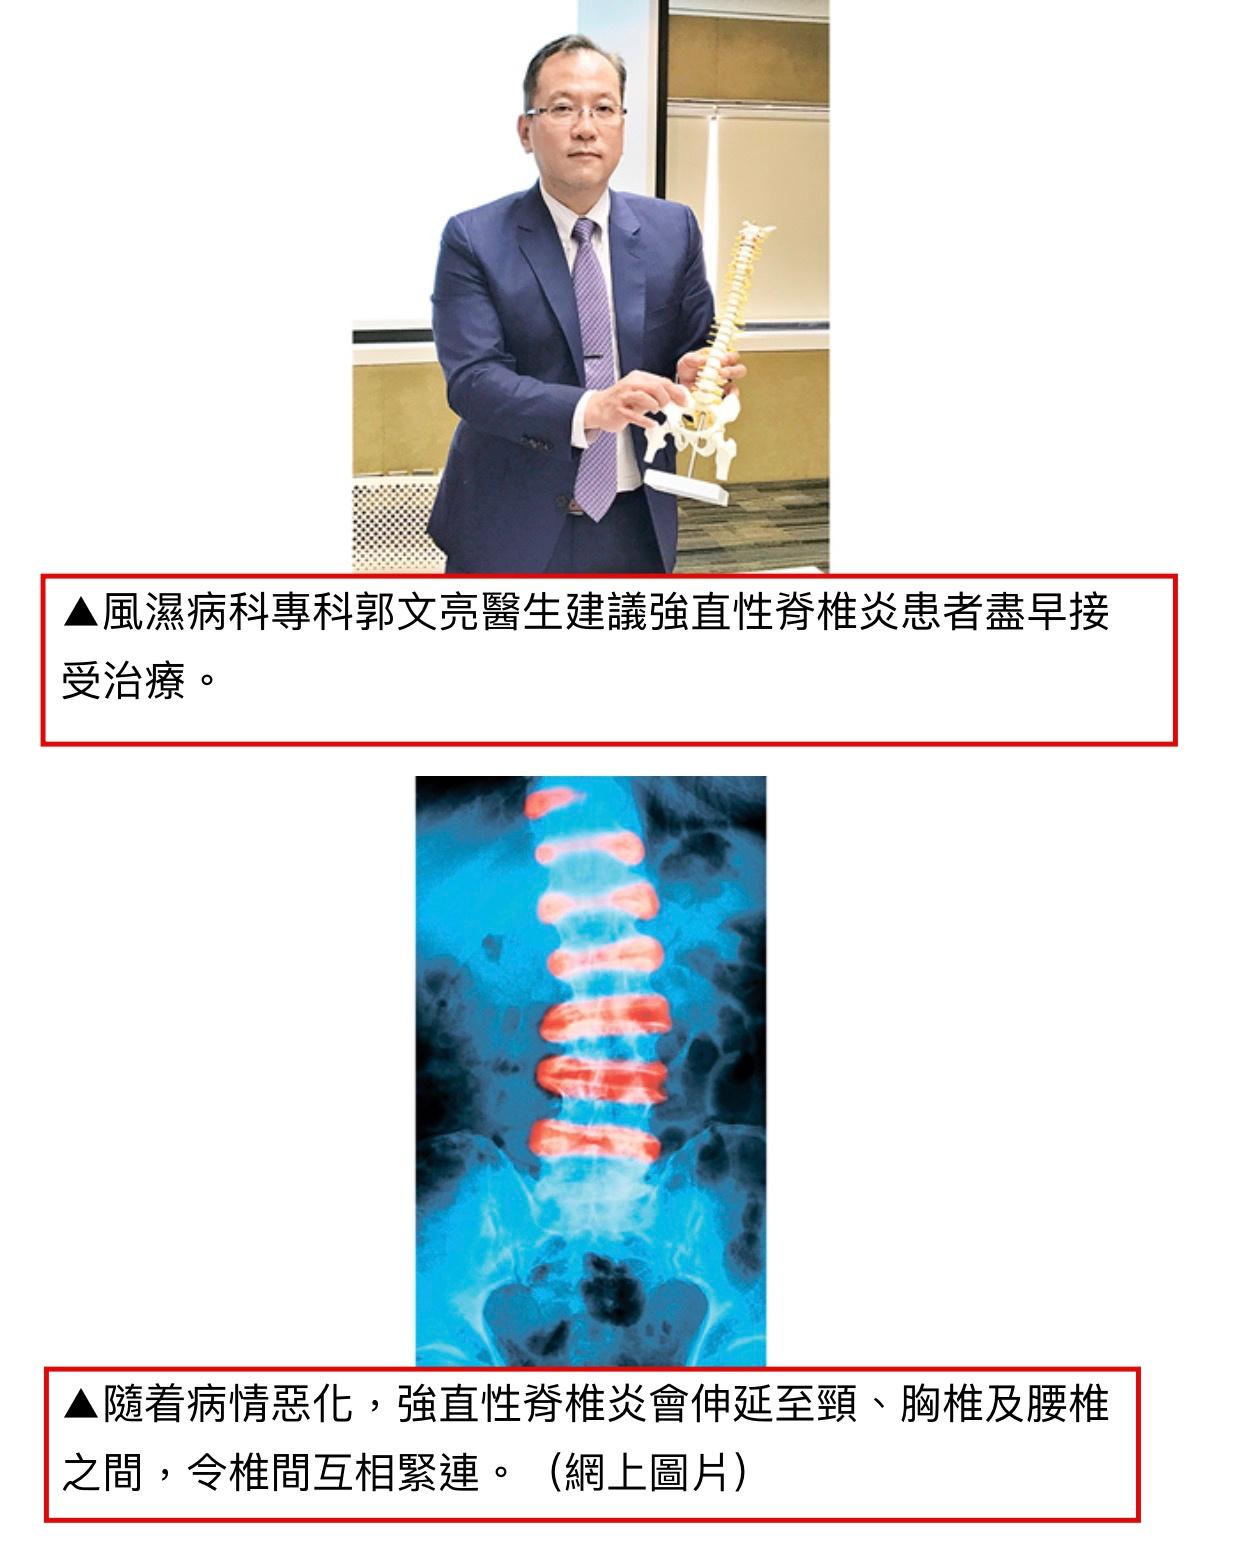 僵直性脊椎炎運動治療